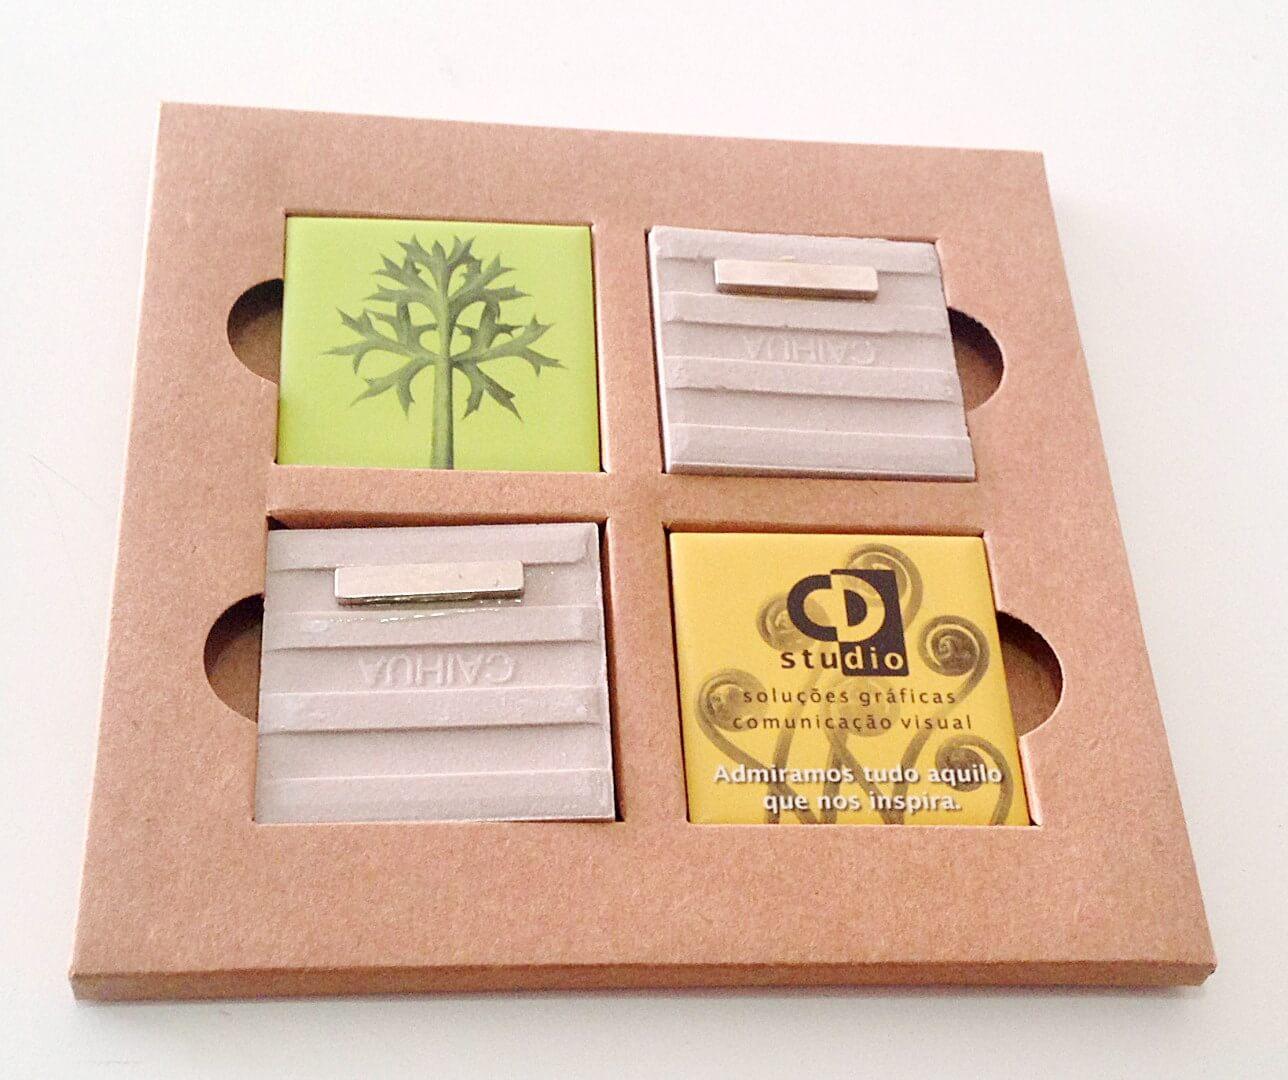 Impressão em cerâmica e aplicação de imã no verso e embalagem em papel kraft